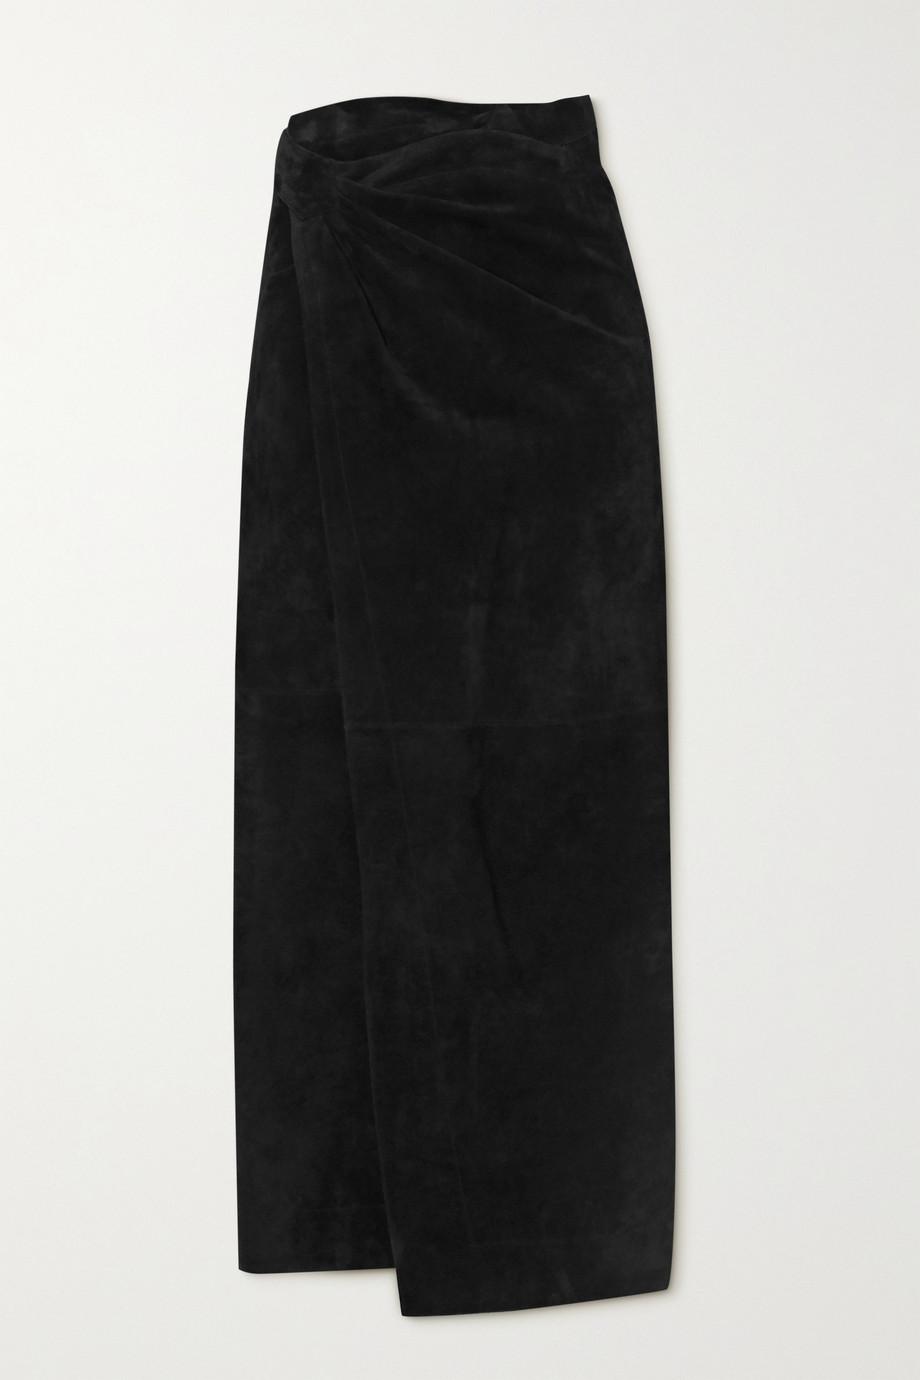 Alaïa Suede wrap maxi skirt